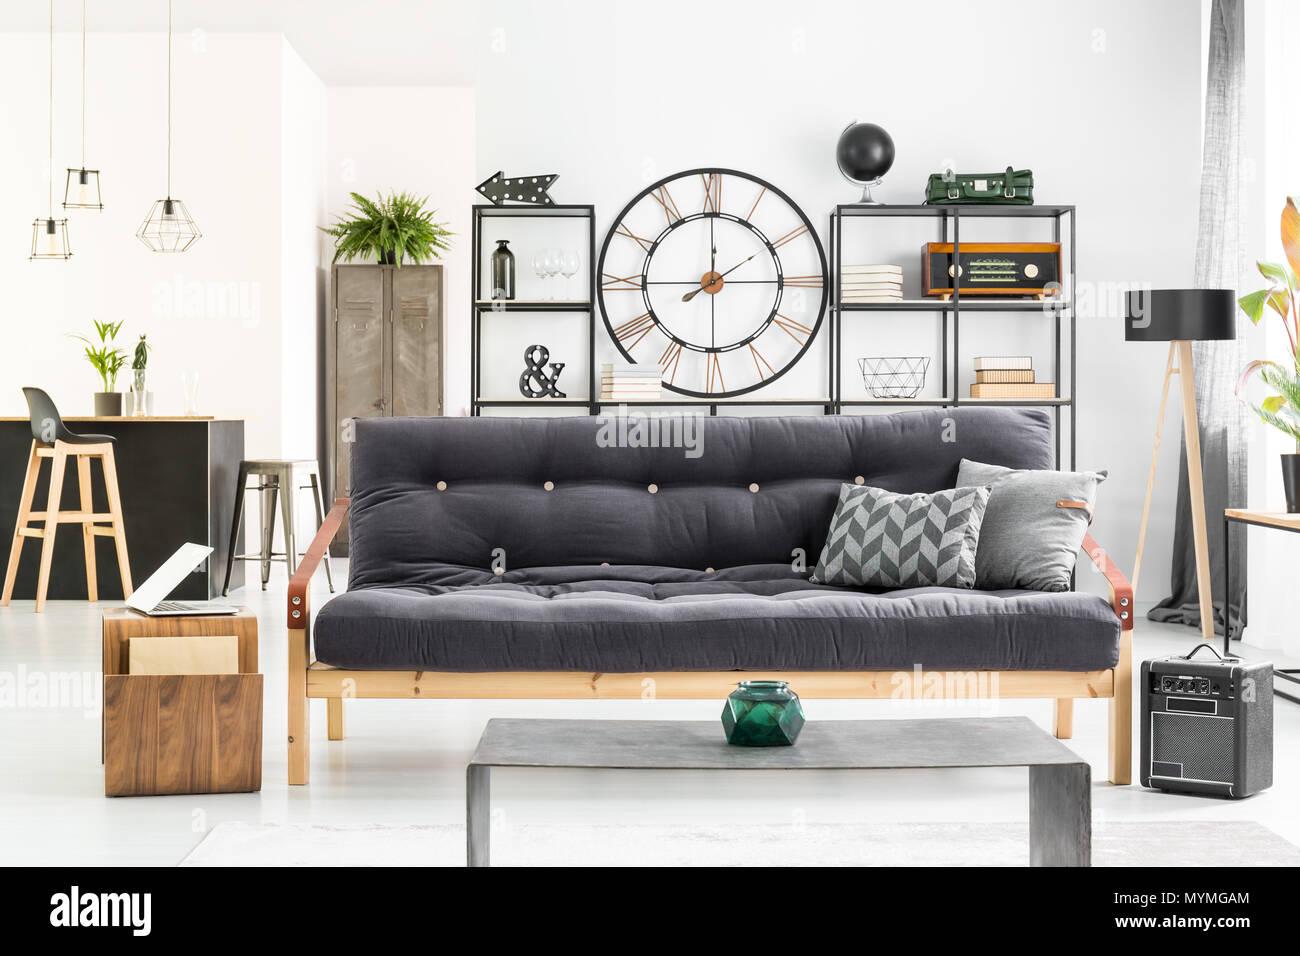 Große Uhr An Der Wand Im Wohnzimmer Interieur Mit Schwarzes Sofa, Metall  Rack Und Oldschool Schließfach